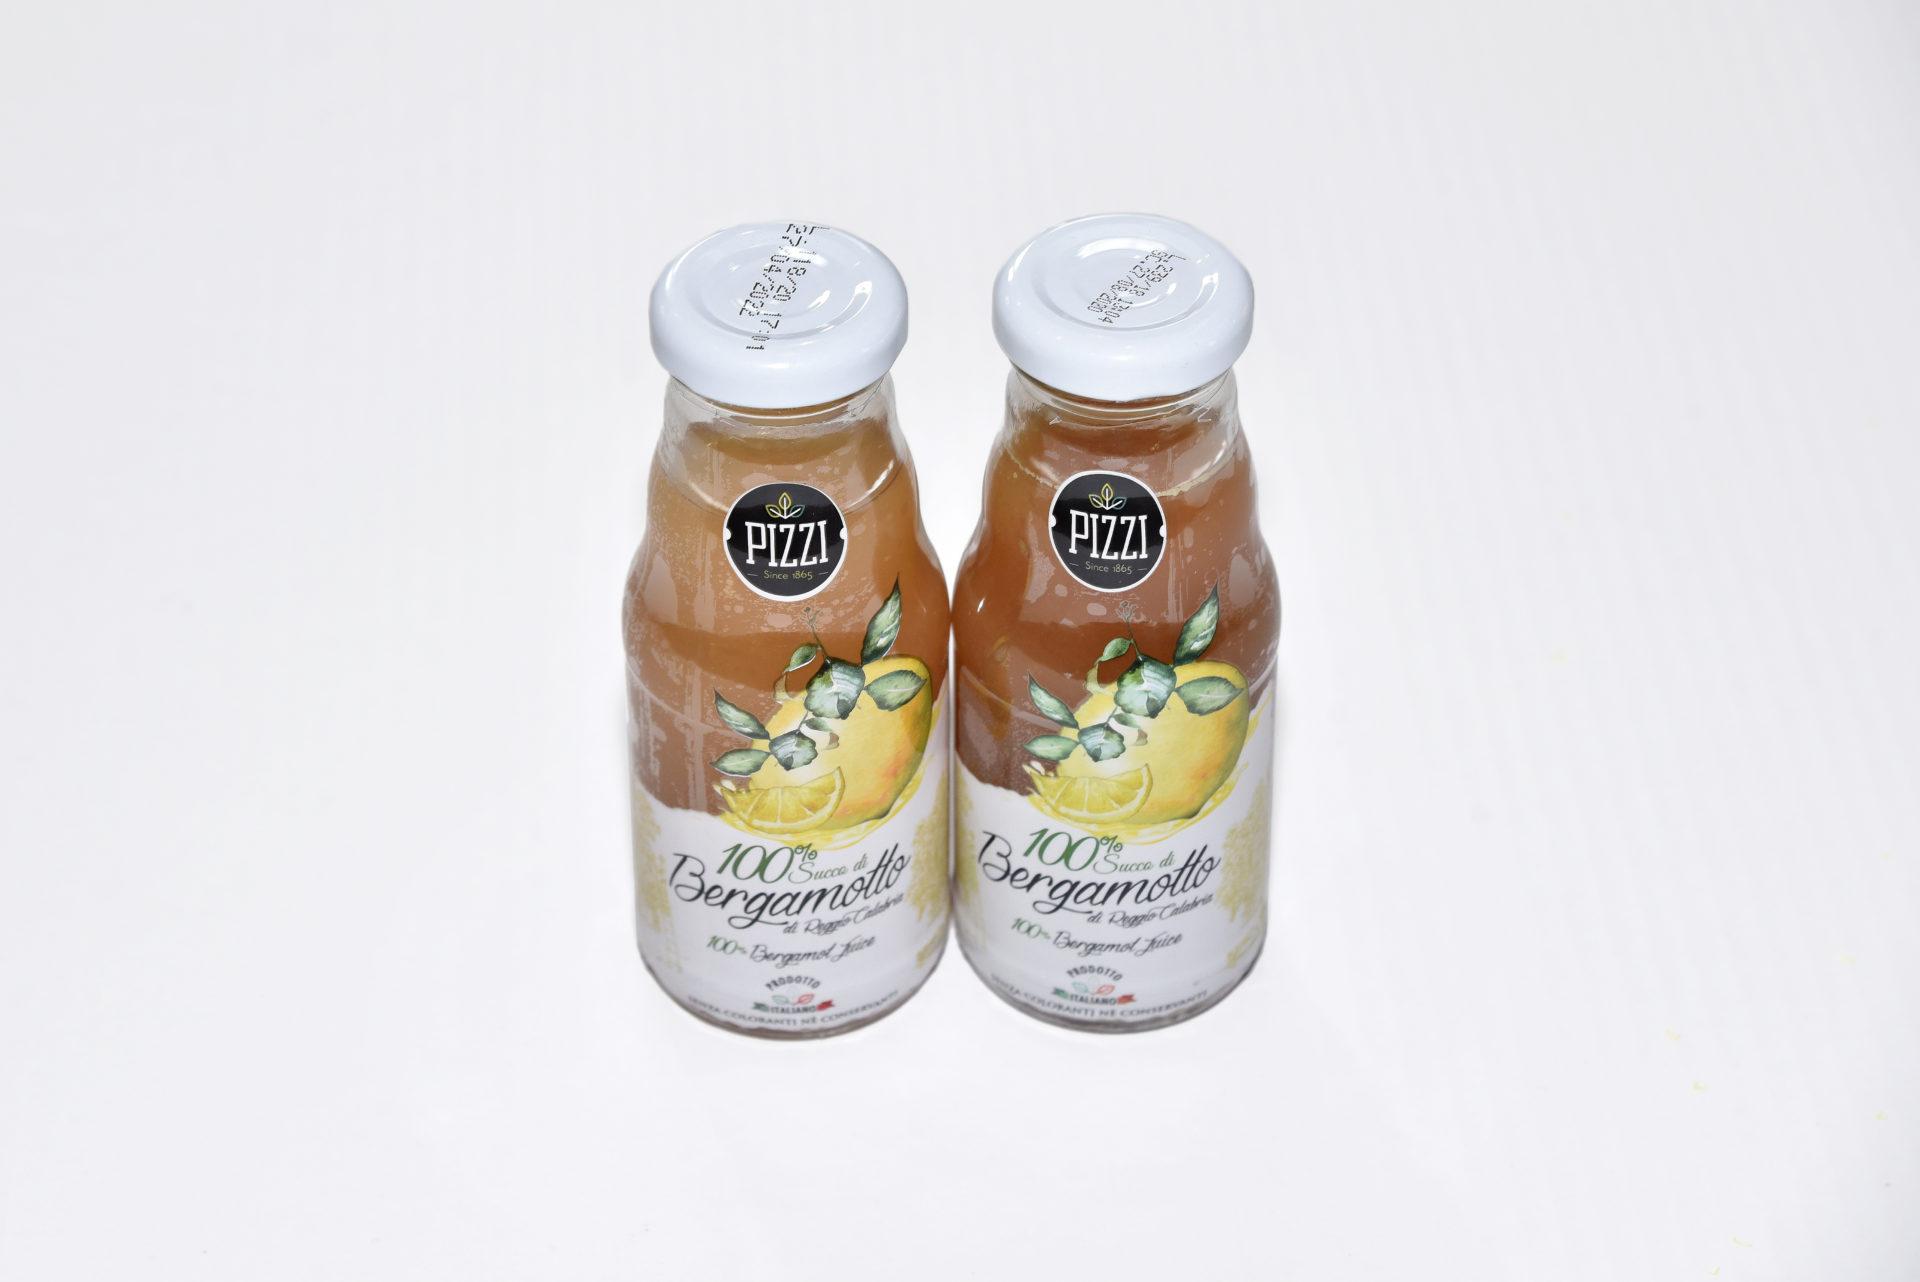 Bergamot juice from Reggio Calabria